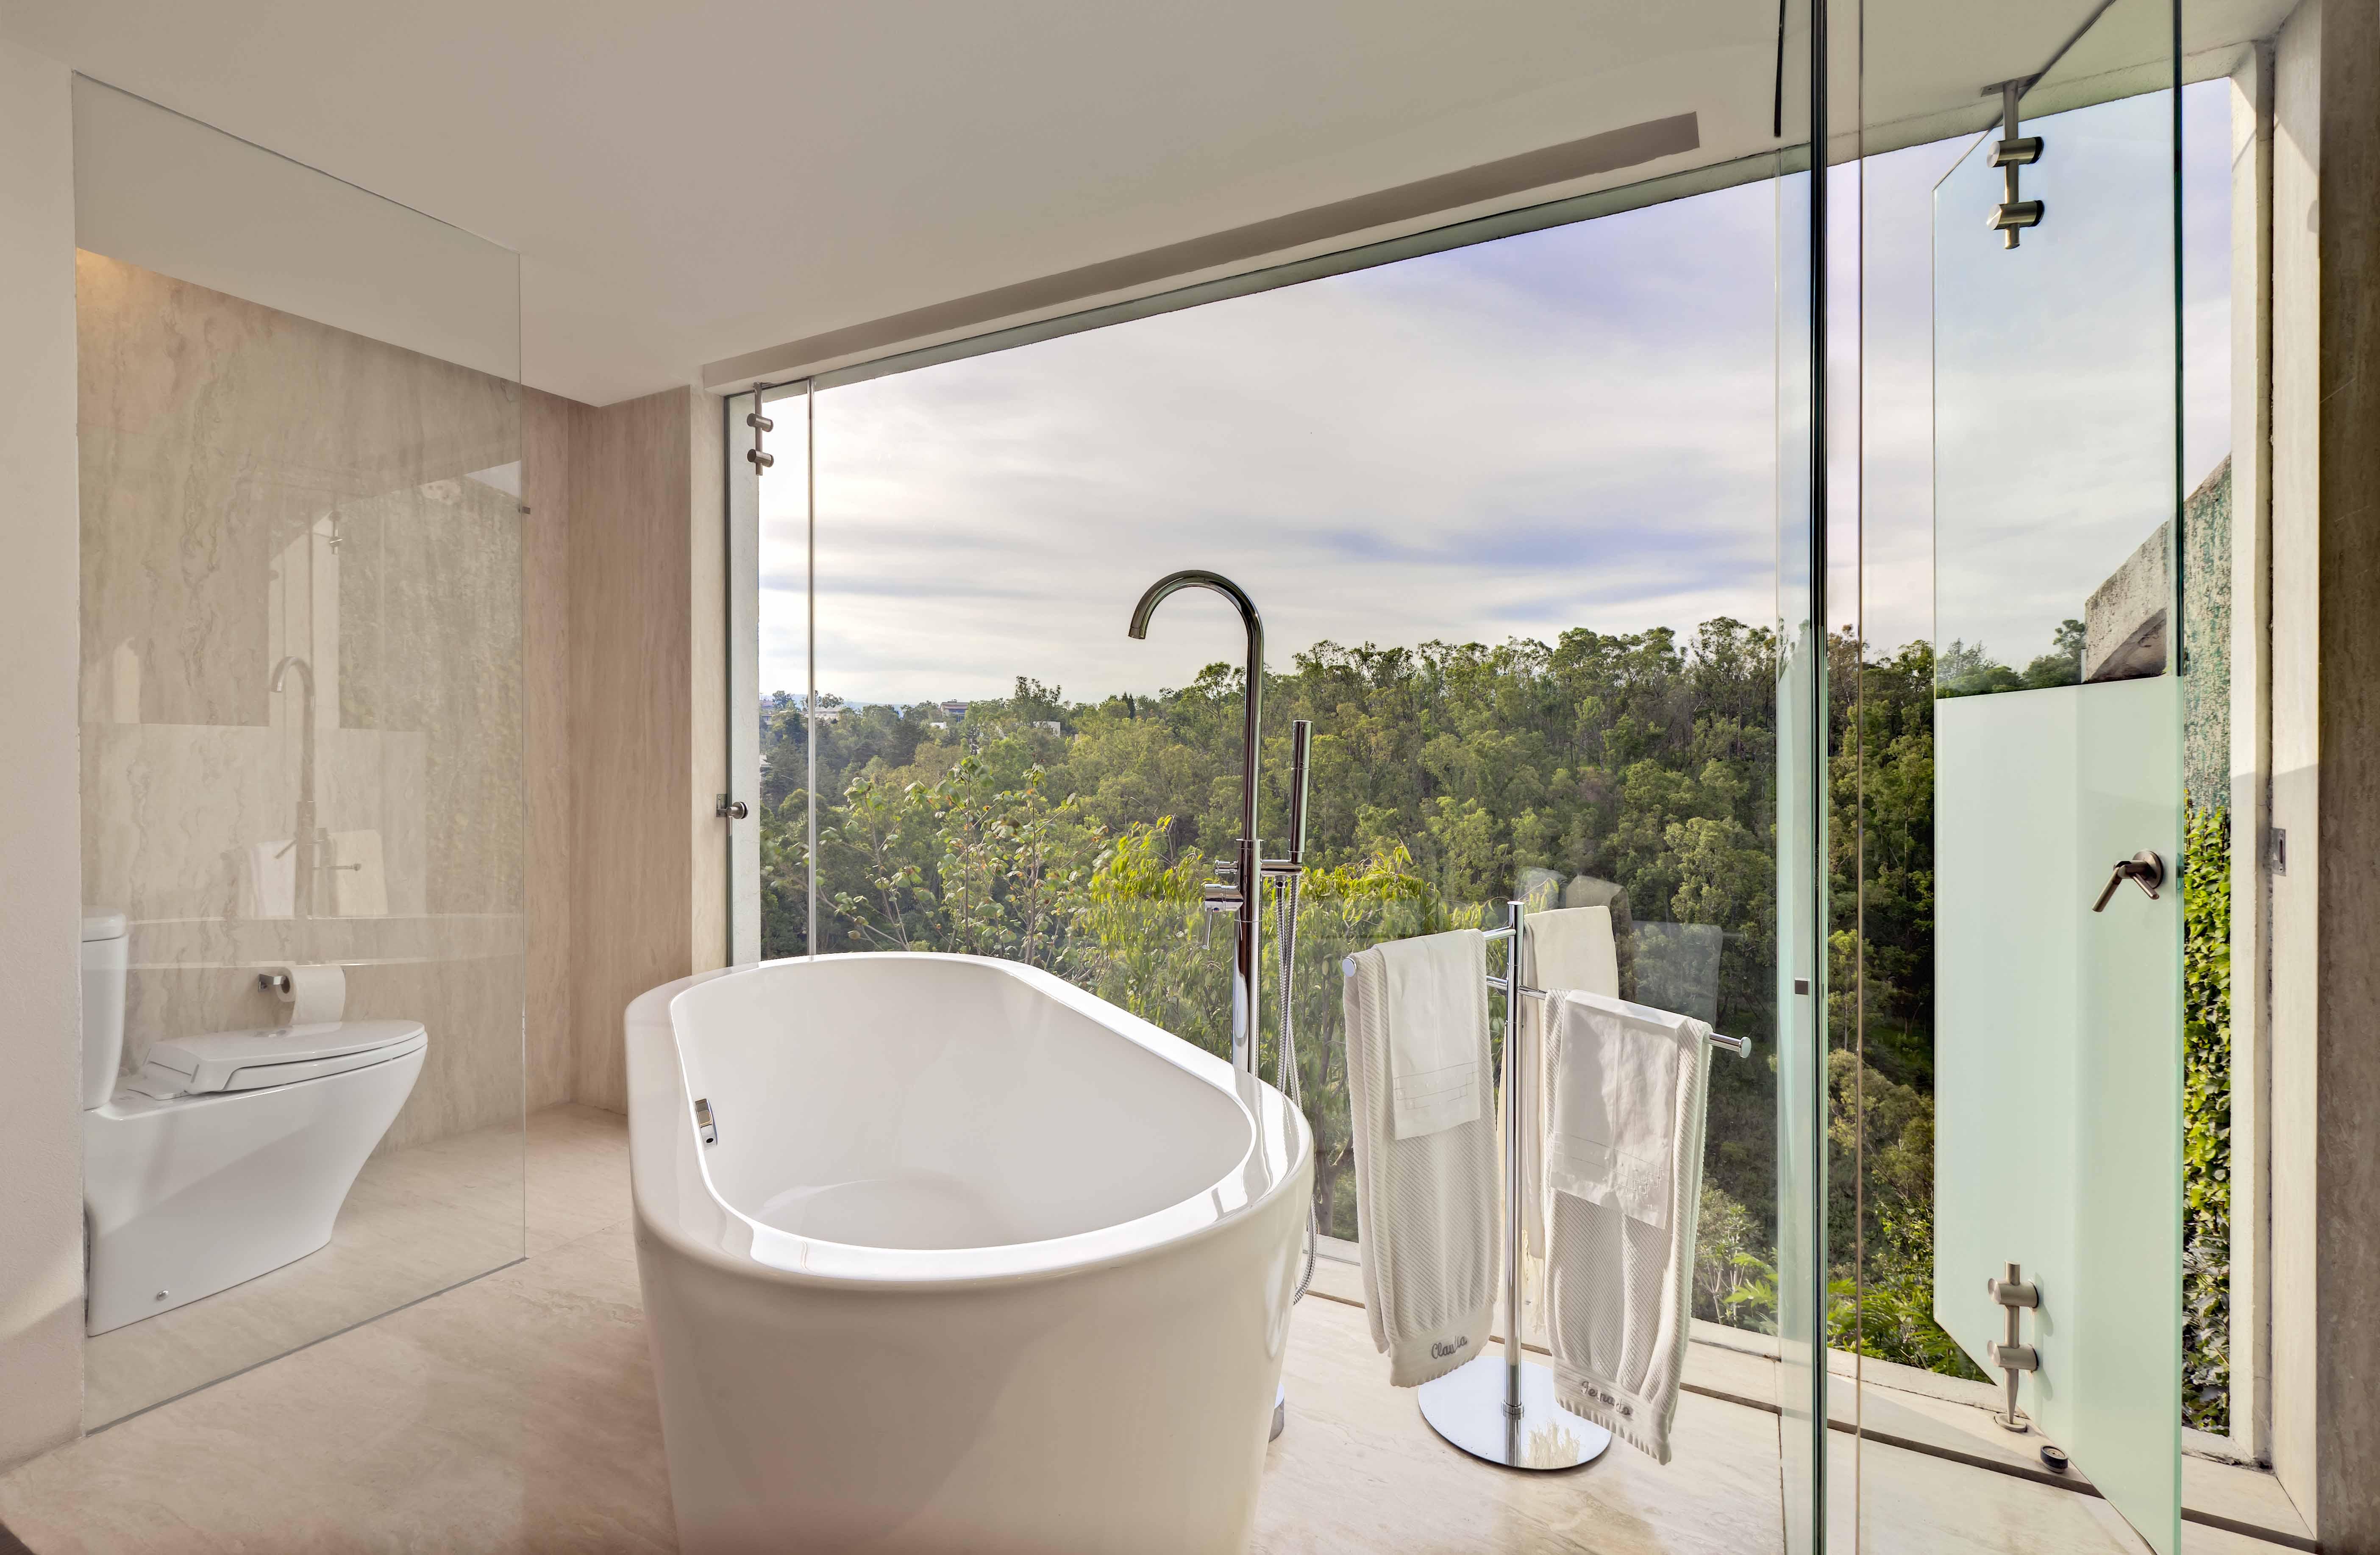 Журнал Дизайн ванной с окном в коттедже